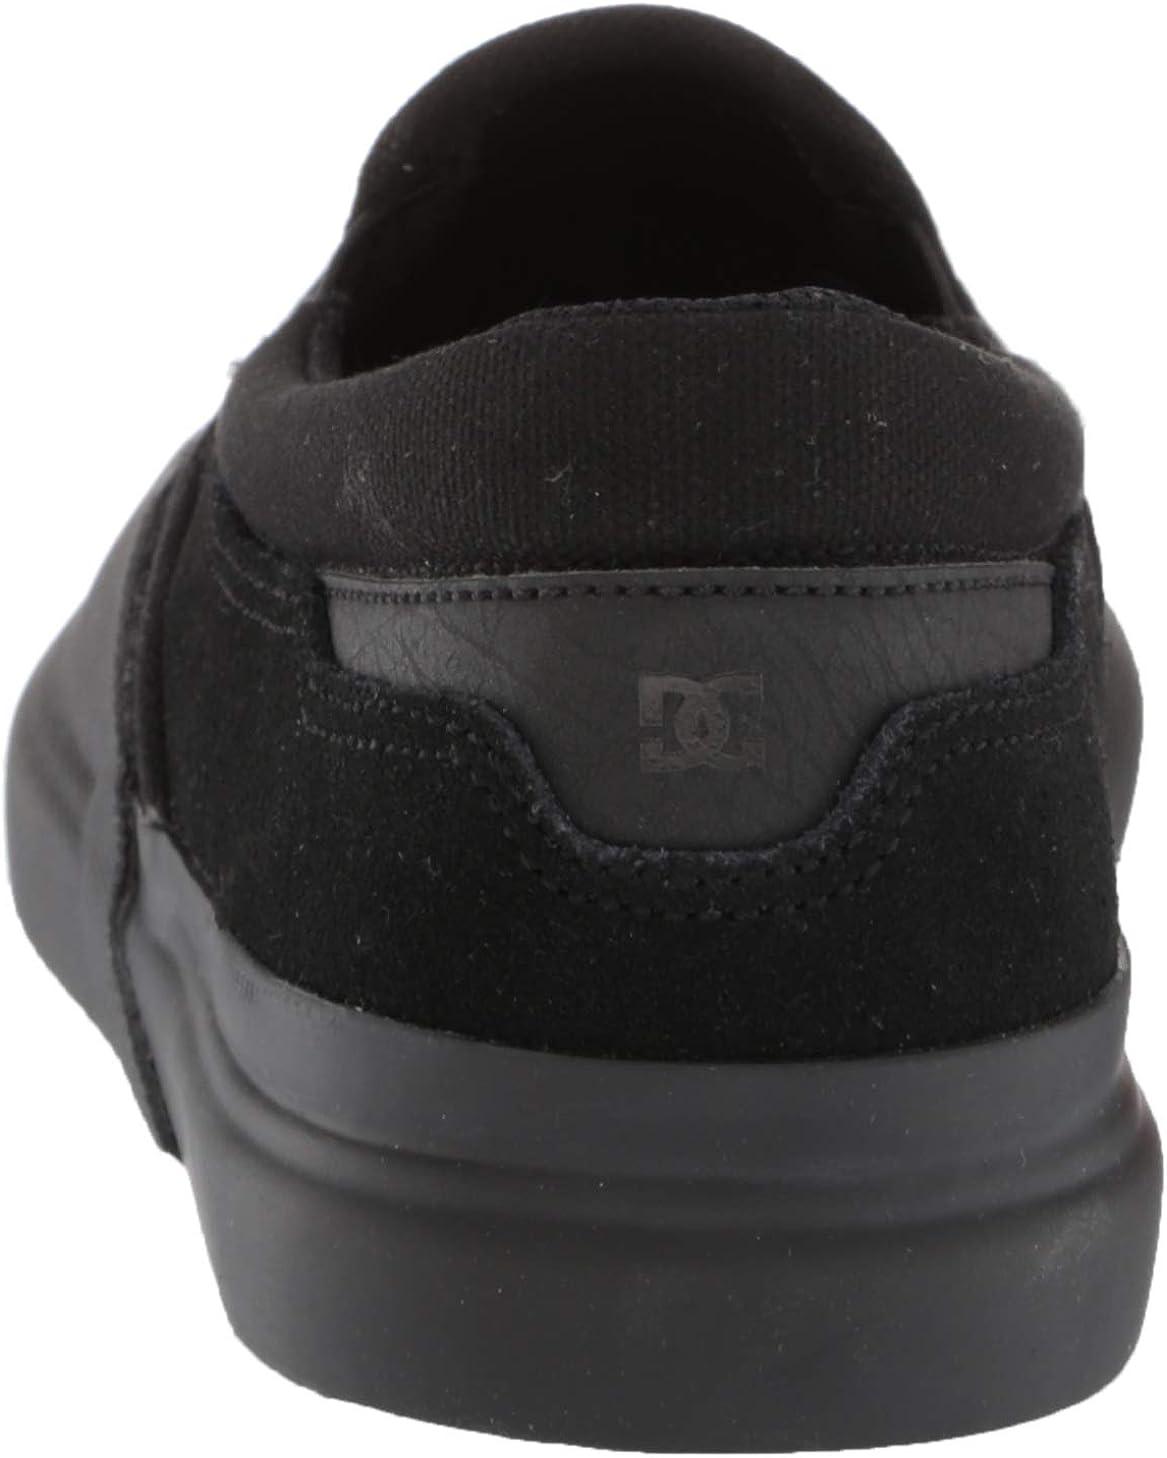 DC Mens Infinite Slip-on Skateboard Skate Shoe Skate Shoe